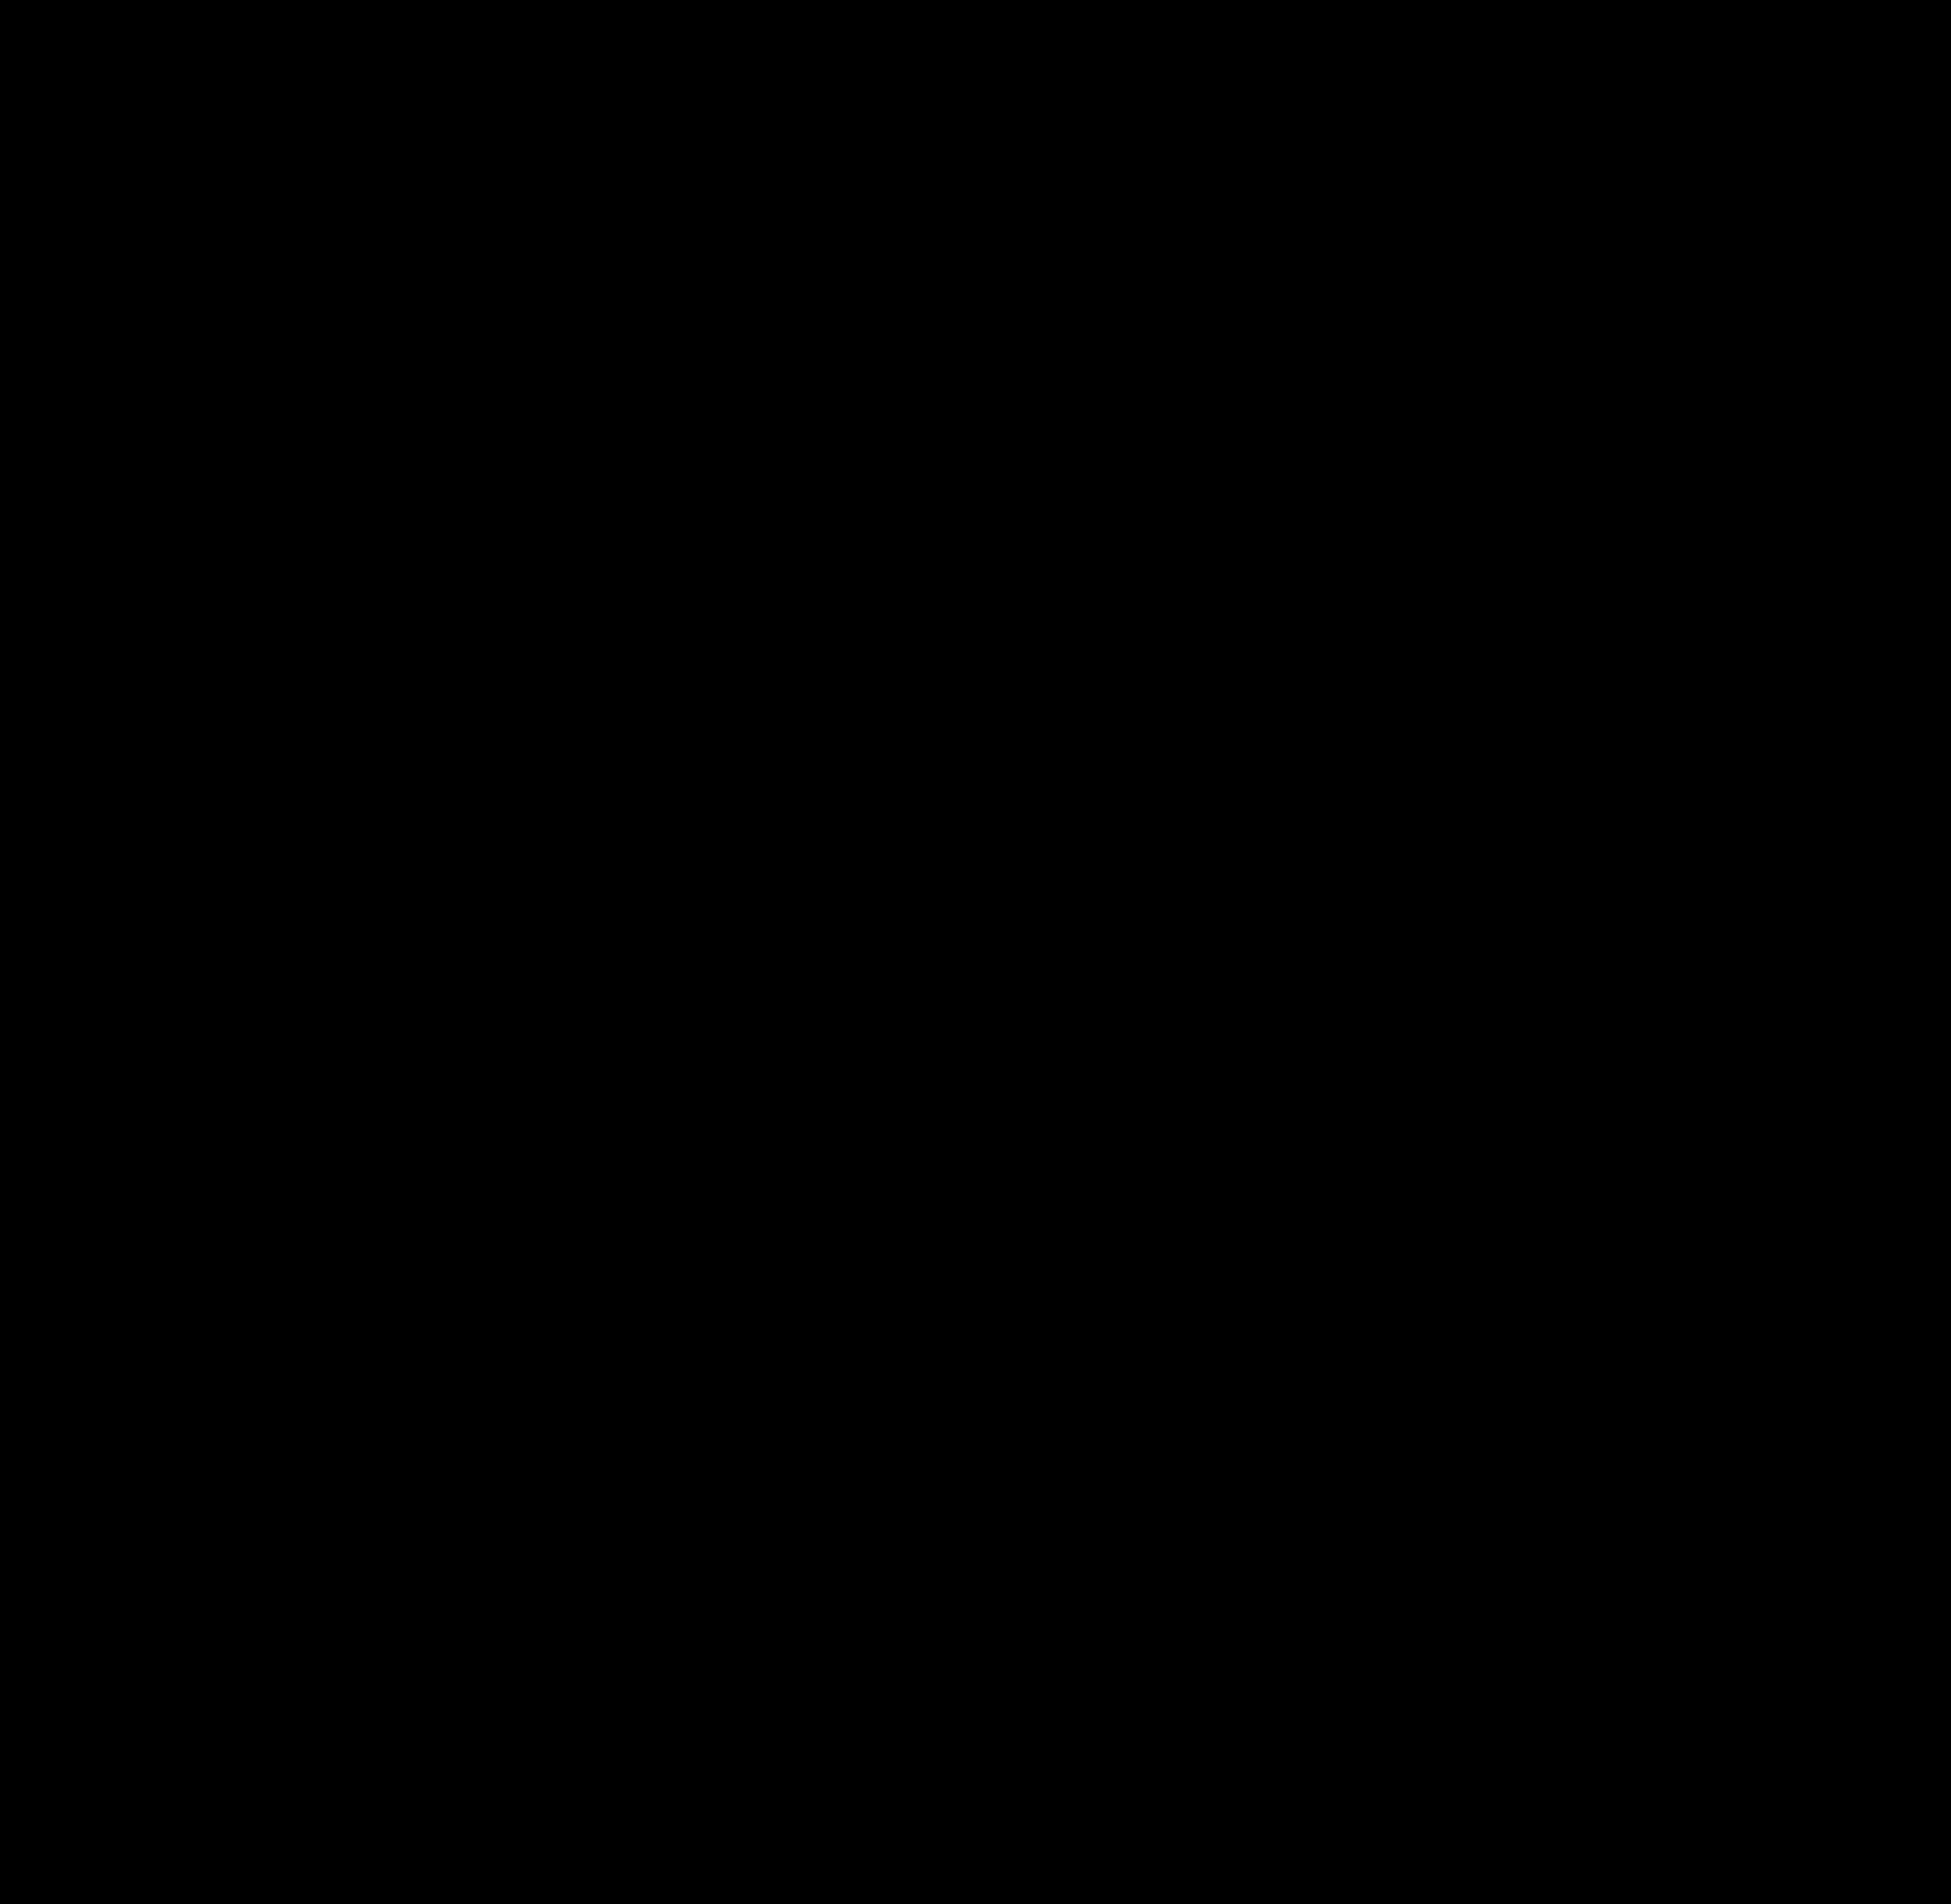 6 Grunge Bitcoin Logo (PNG Transparent).